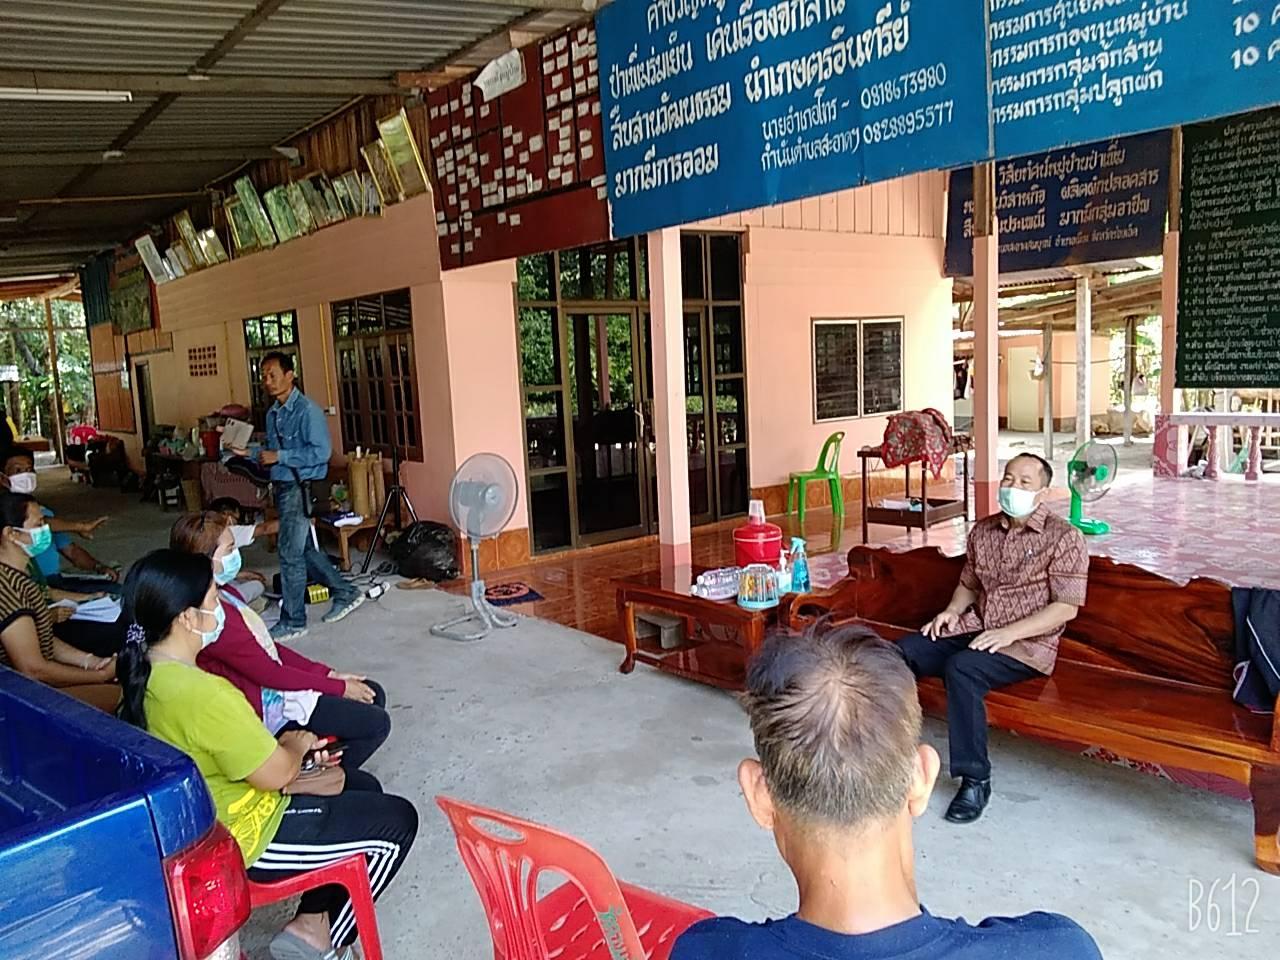 ประชุมร่วมกับพัฒนาชุมชนฯ เพื่อเตรียมประกวด..หมู่บ้าน วันที่ 23-24 มิ.ย.2564